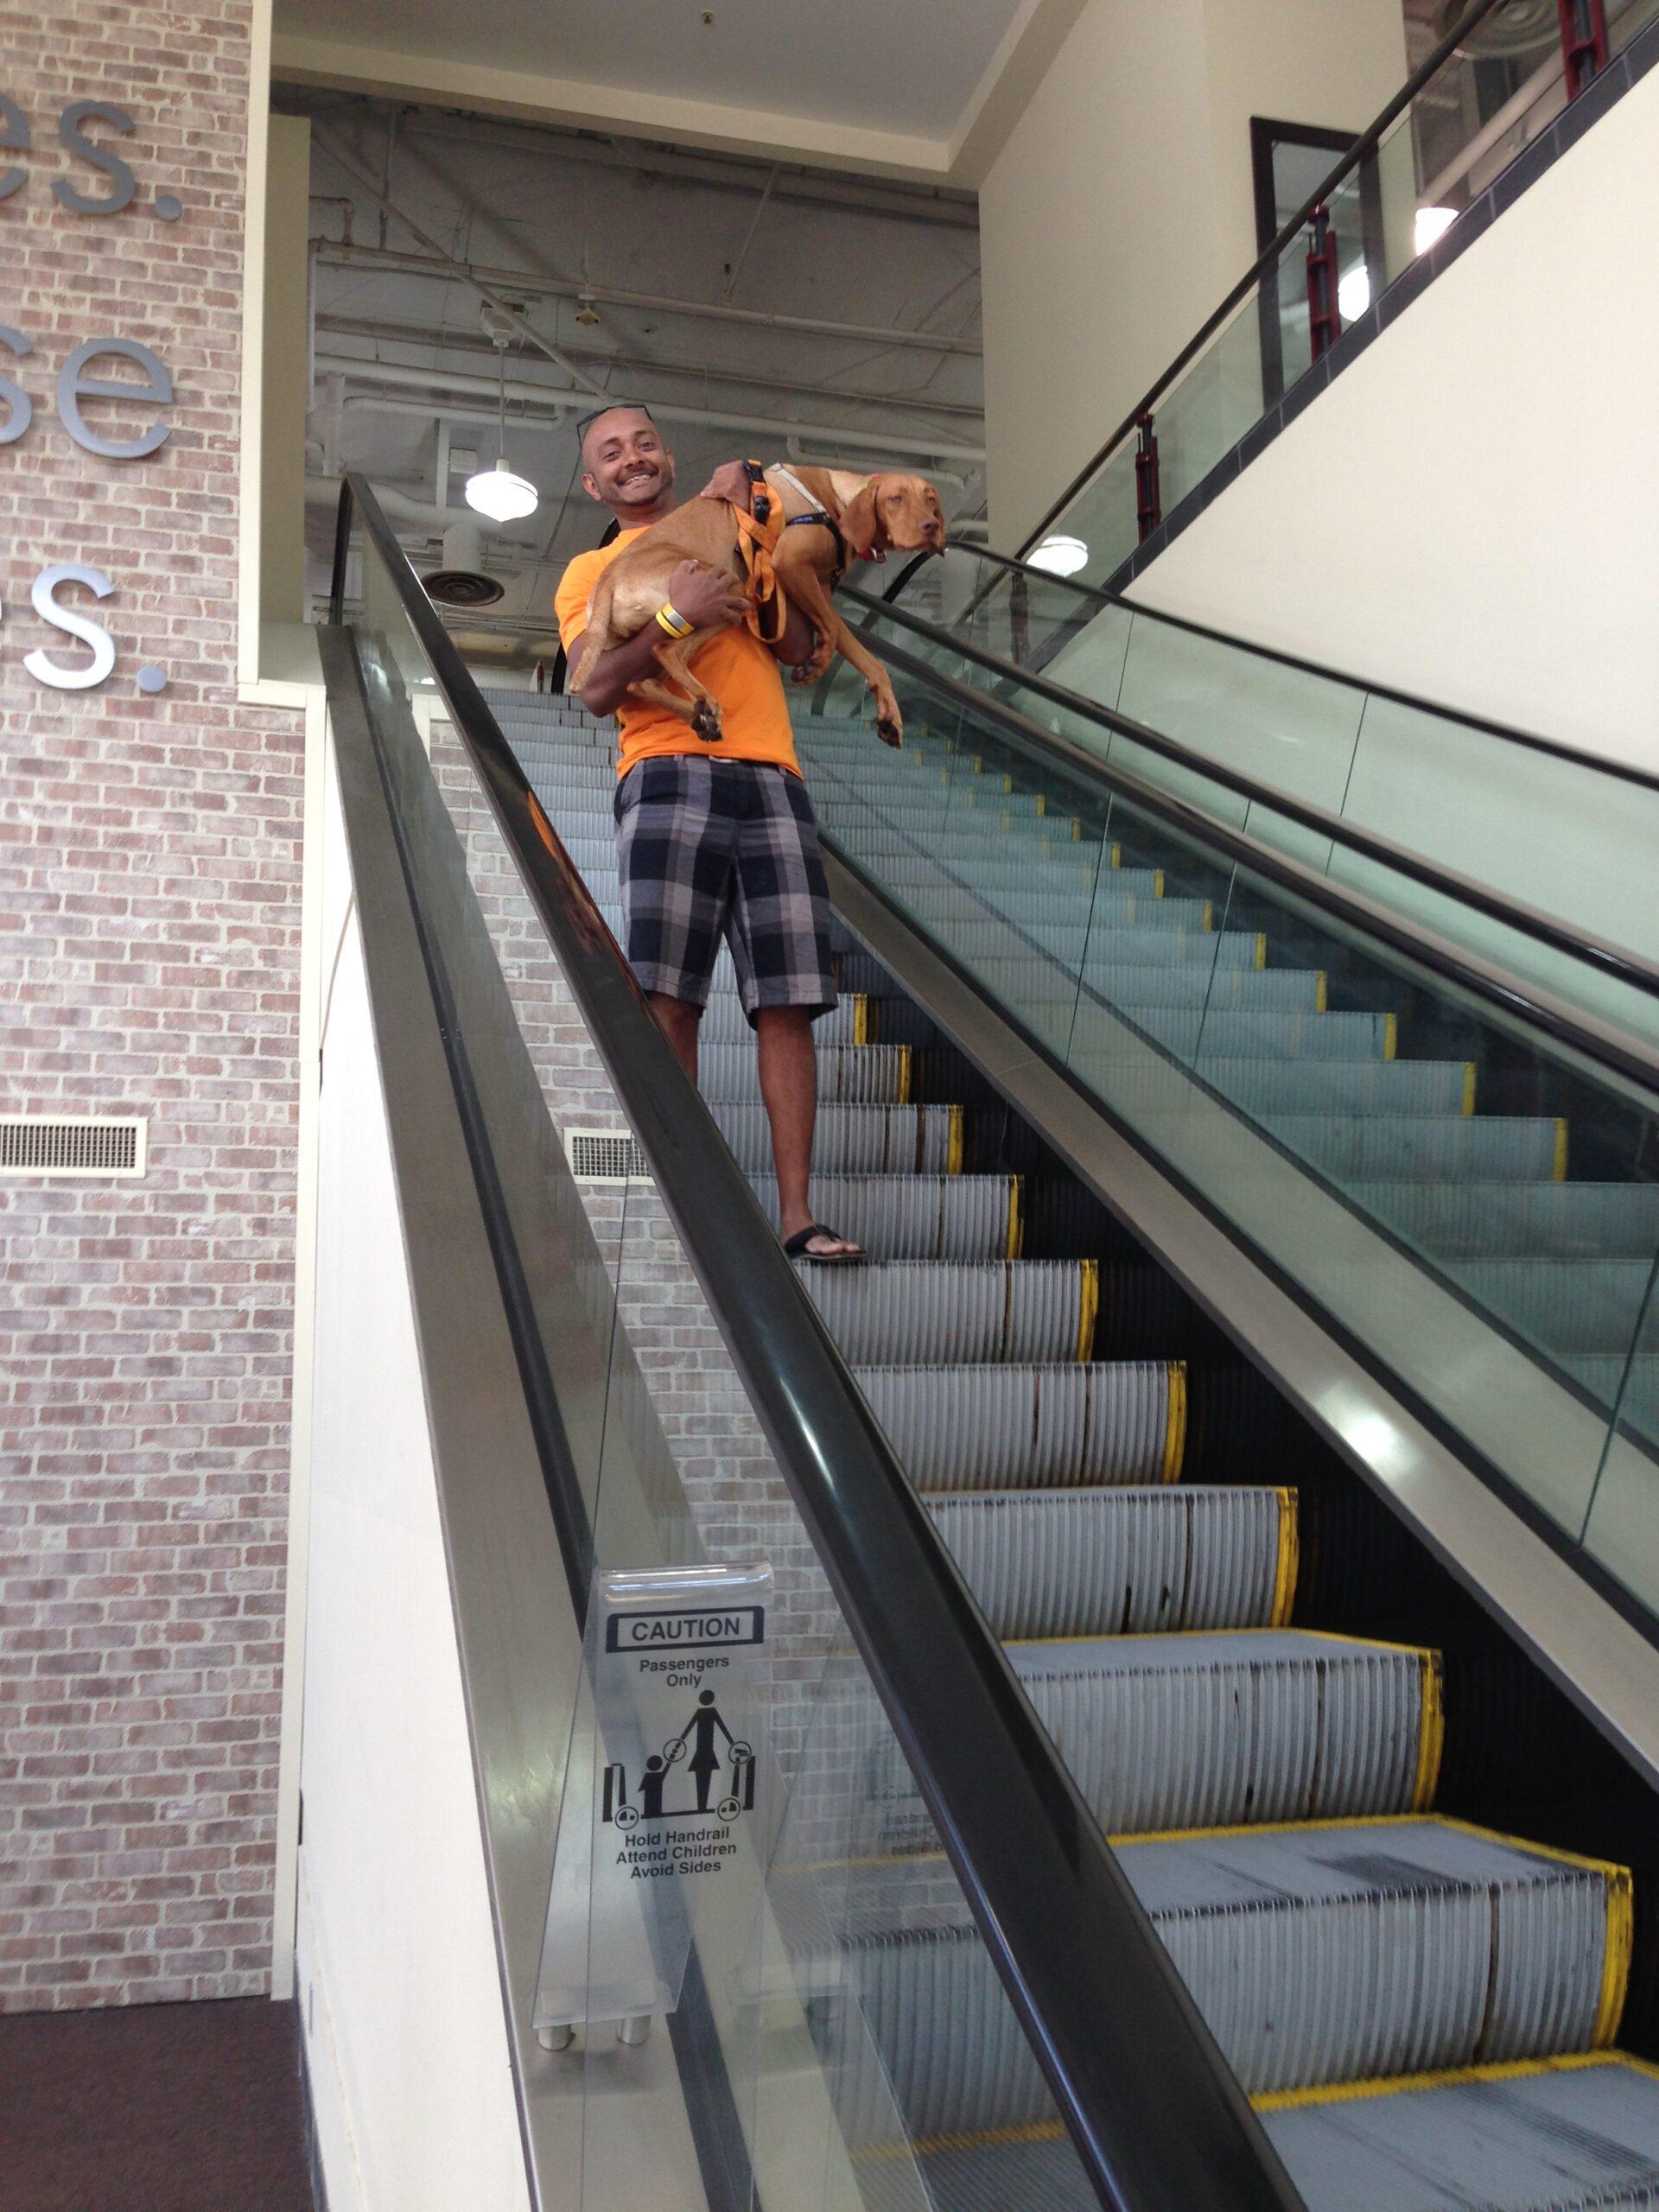 Zara on an escalator